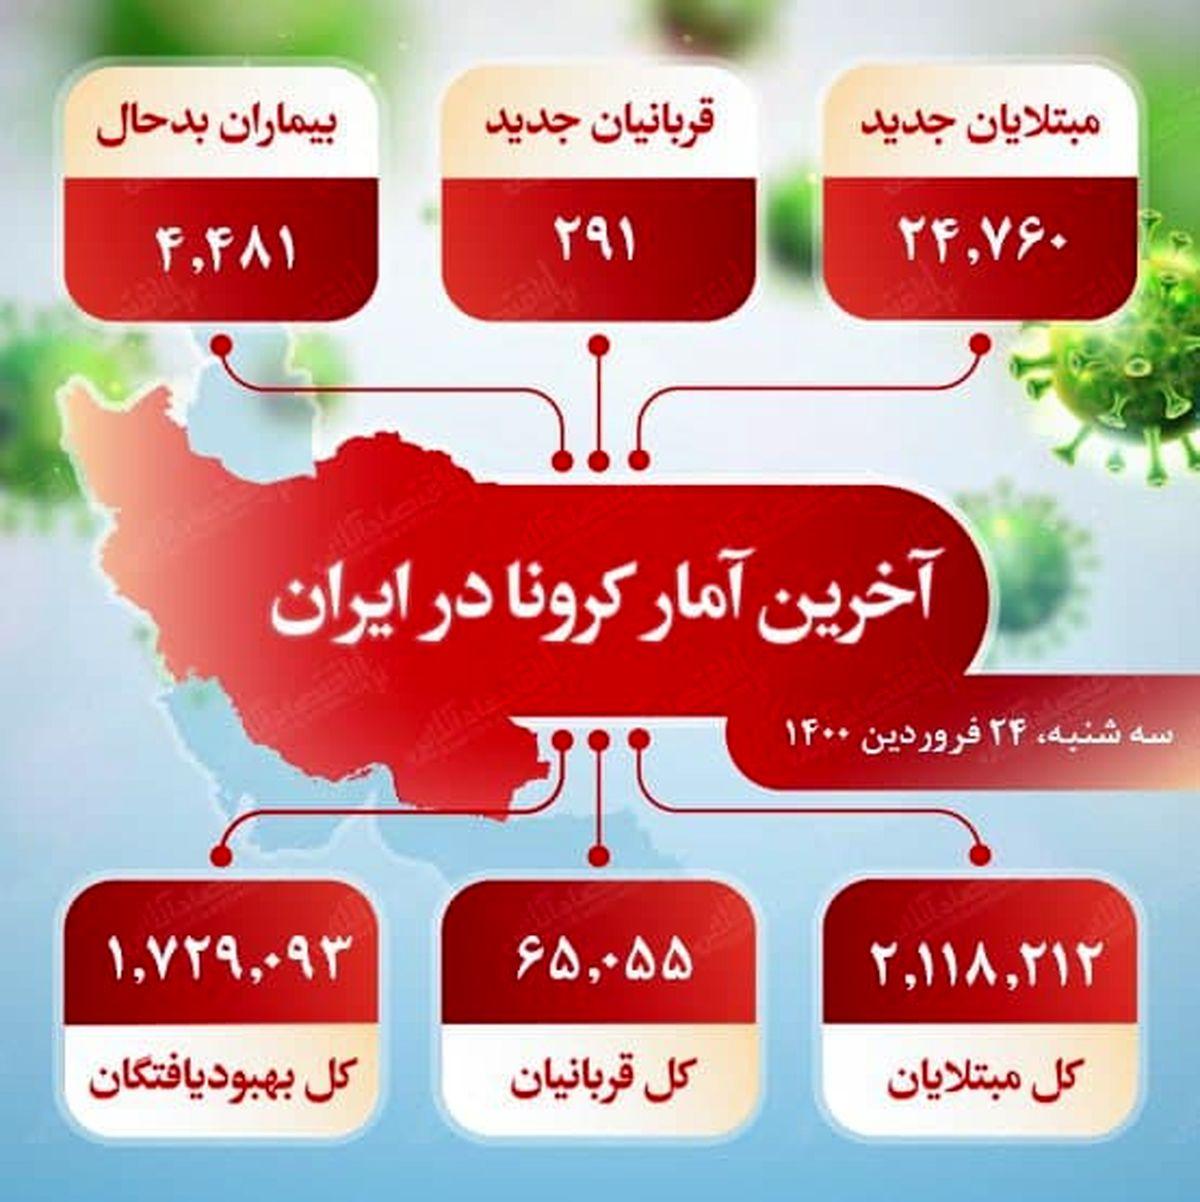 آخرین آمار کرونا در ایران (۱۴۰۰/۱/۲۴)